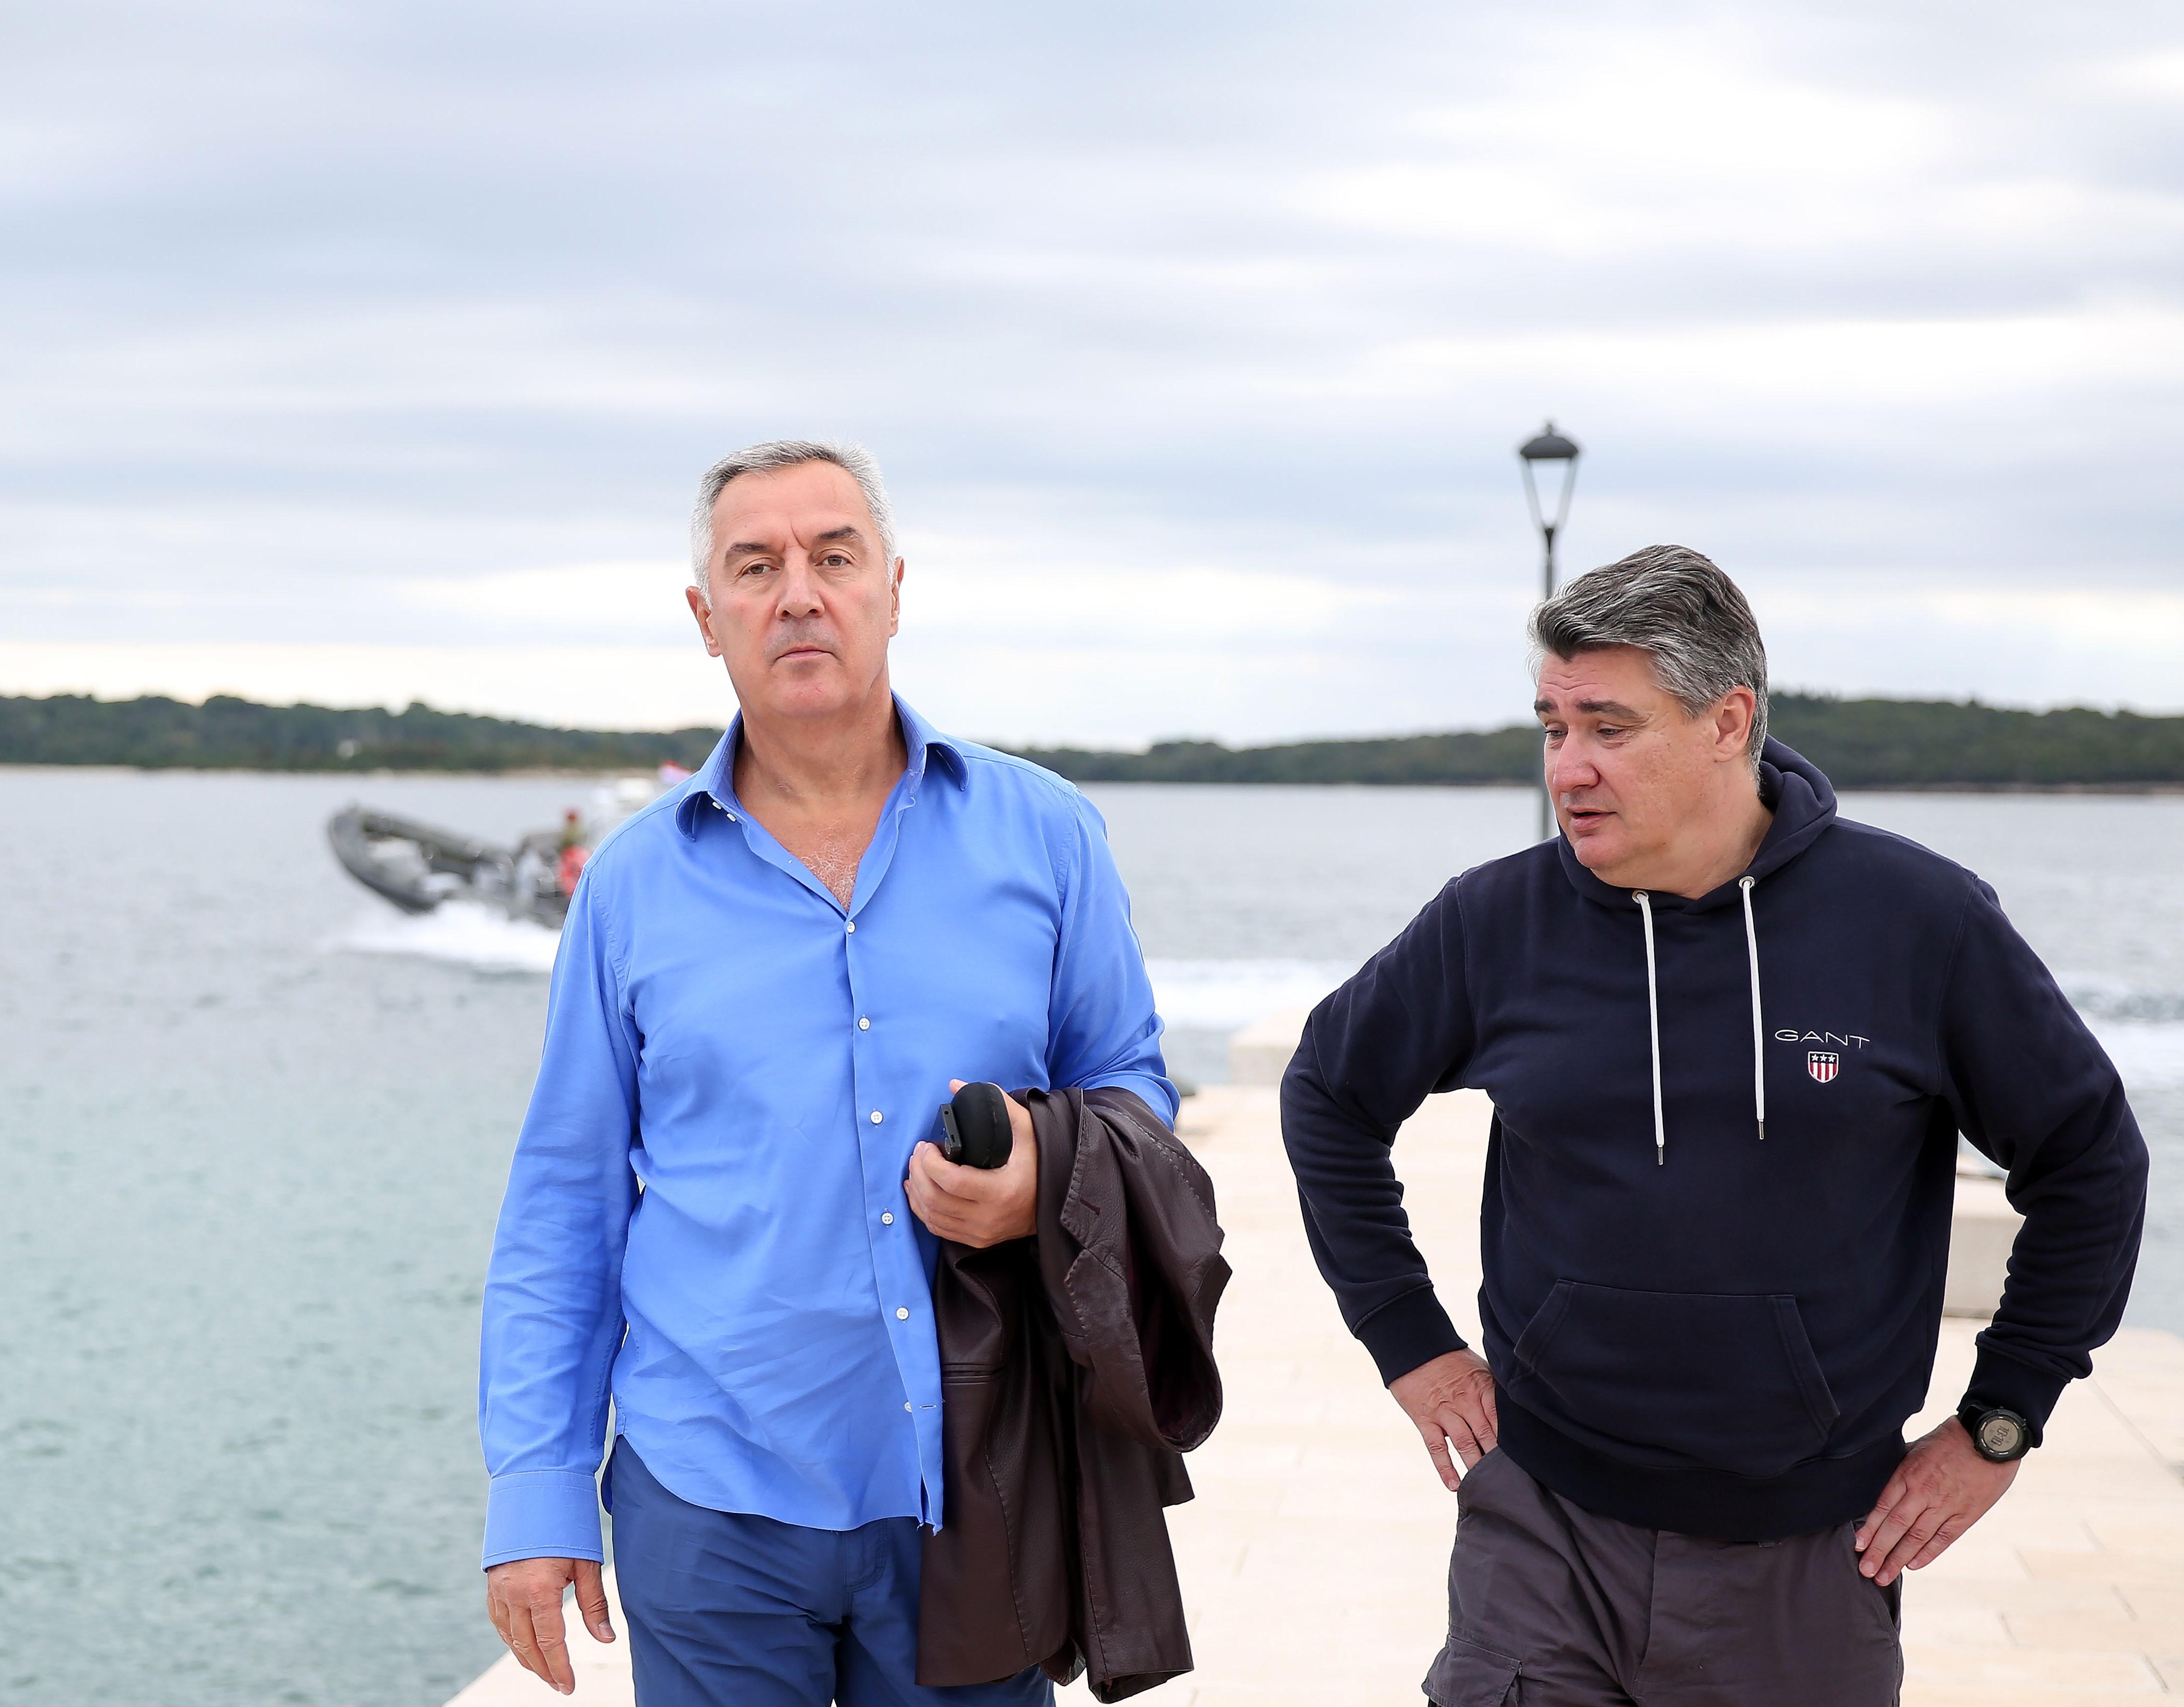 Posjeta Đukanovića Hrvatskoj otvara barem dva krupna pitanja. Je li nam to trebalo? Ovo je izuzetna situacija